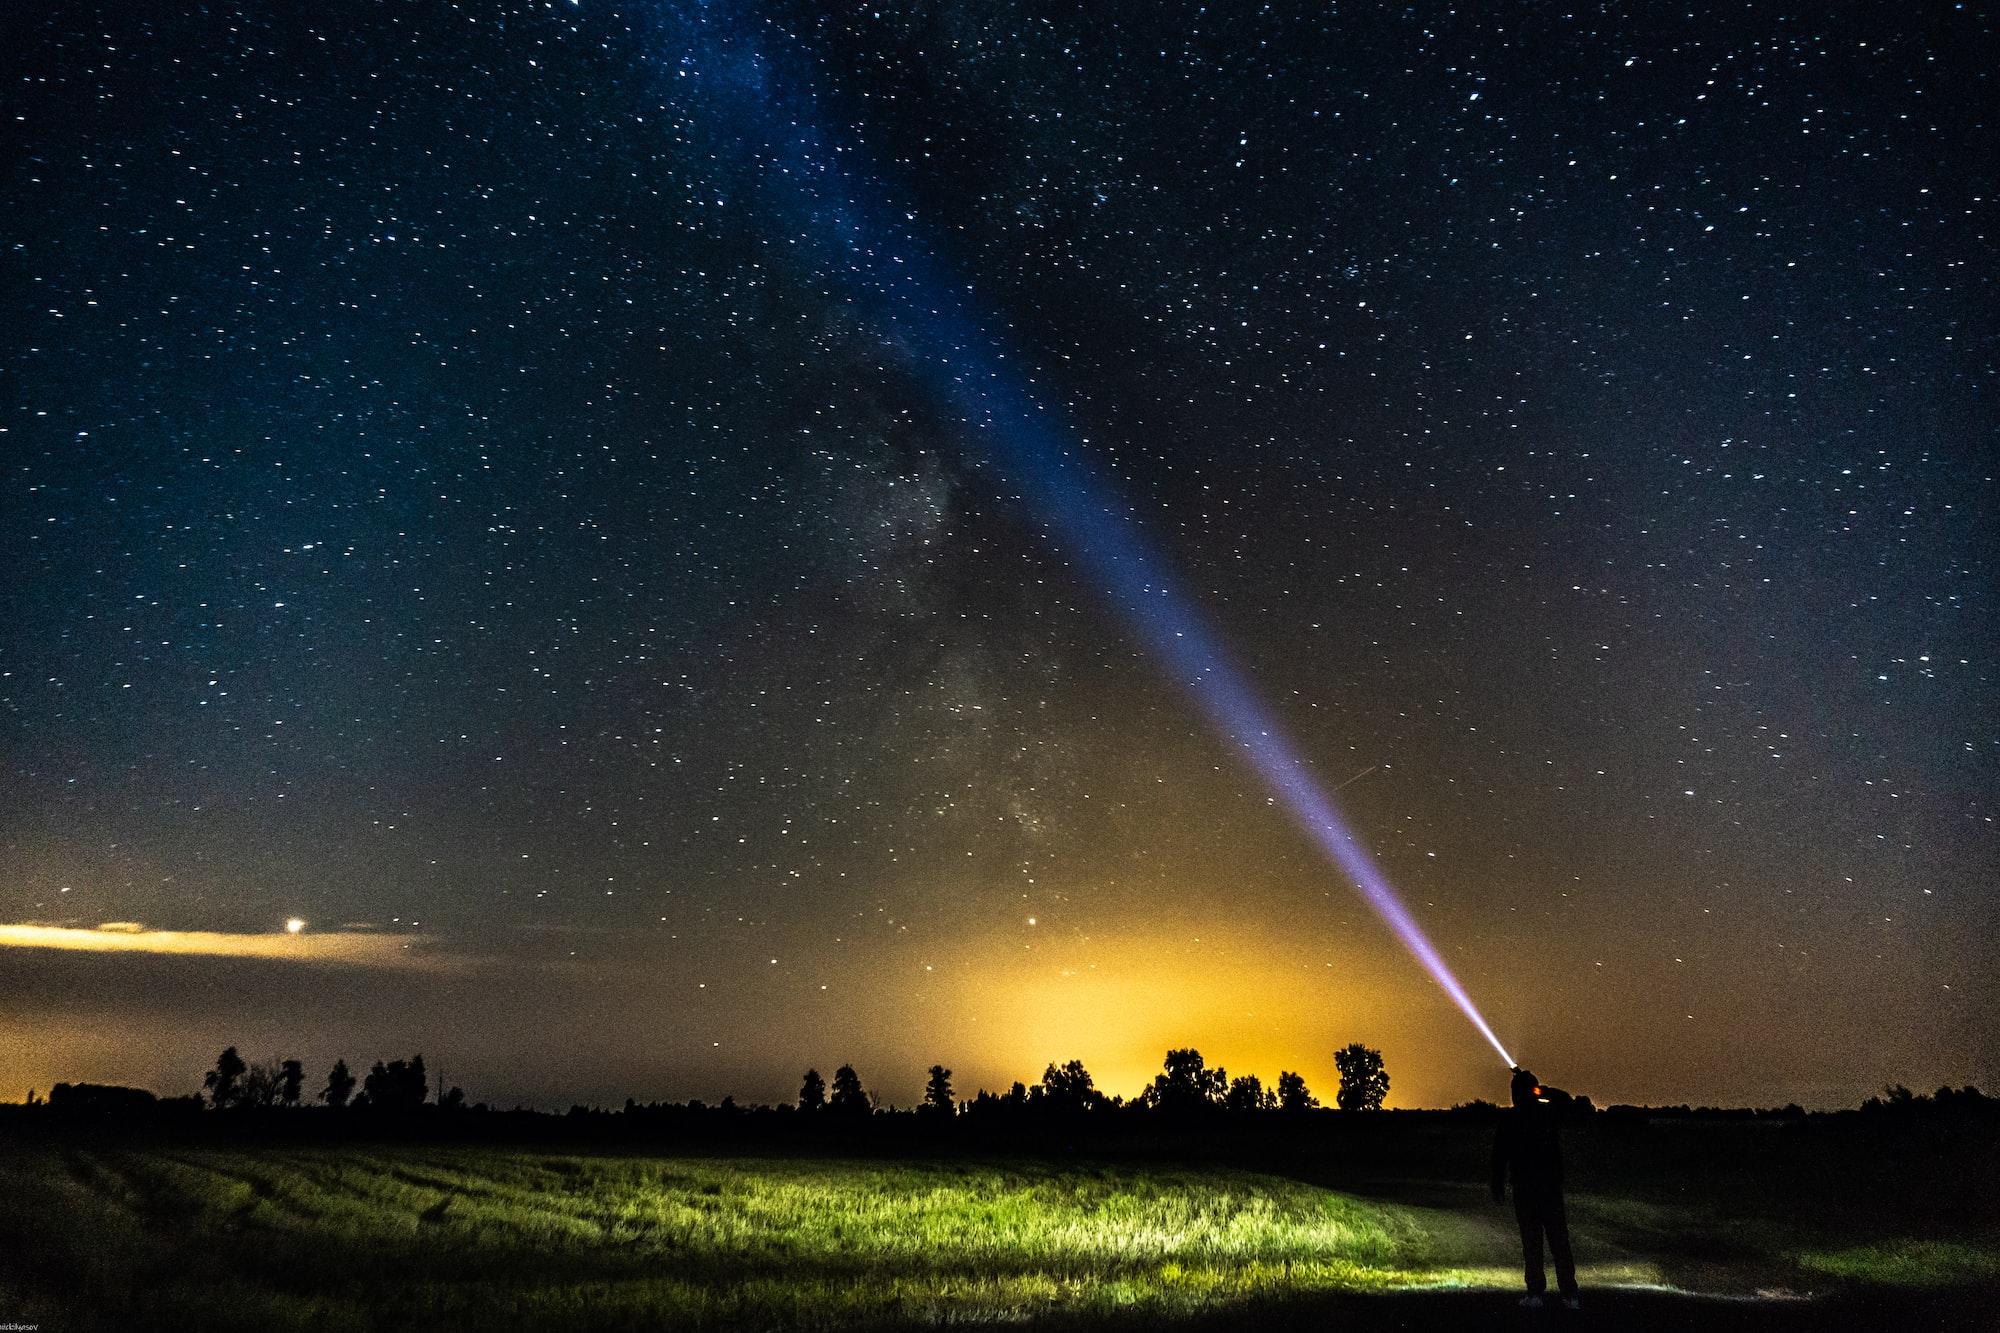 Mikroorganismy žeroucí meteority mohou pomoci při hledání mimozemského života